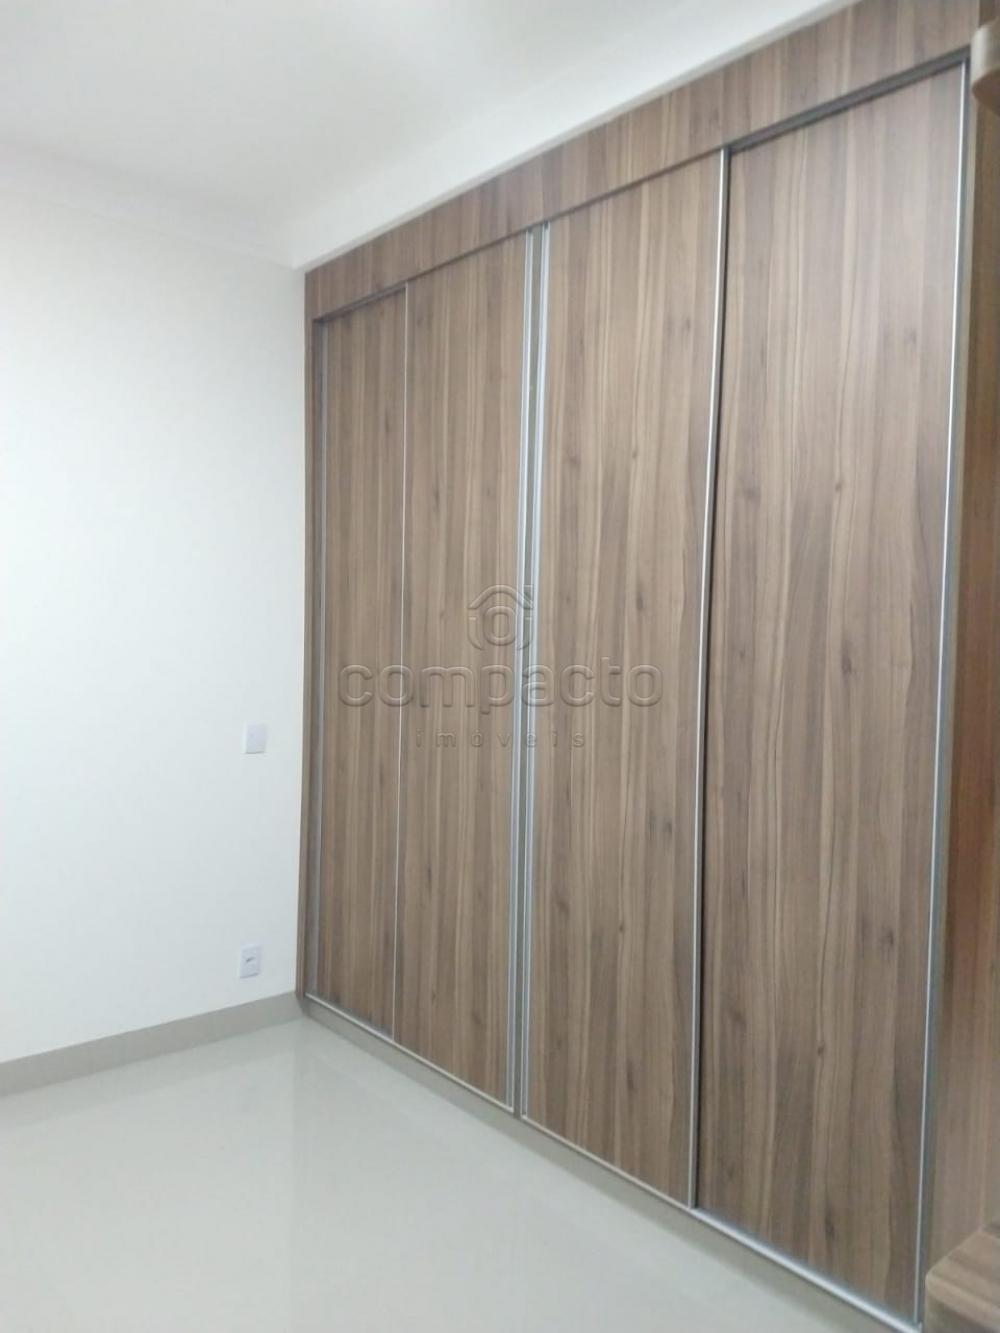 Comprar Casa / Condomínio em Mirassol apenas R$ 800.000,00 - Foto 15